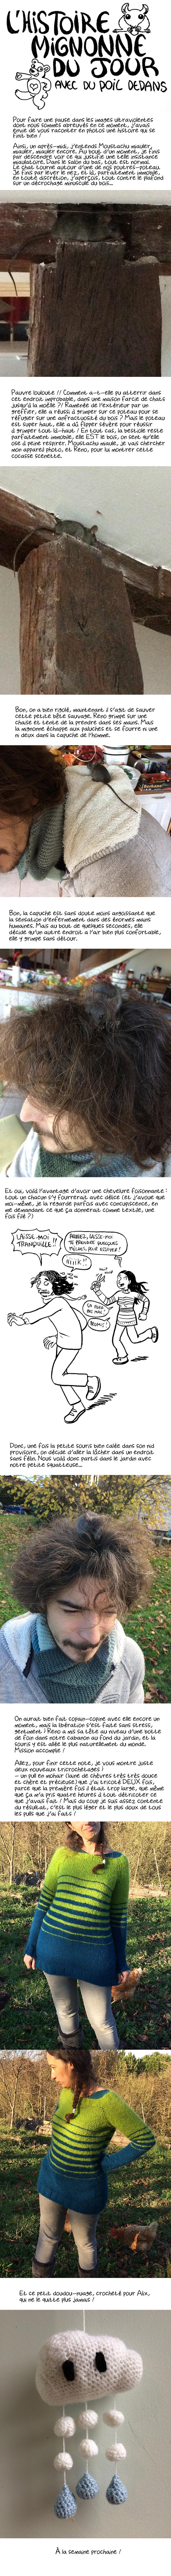 http://melaka.free.fr/blog/histoiremignonne.jpg